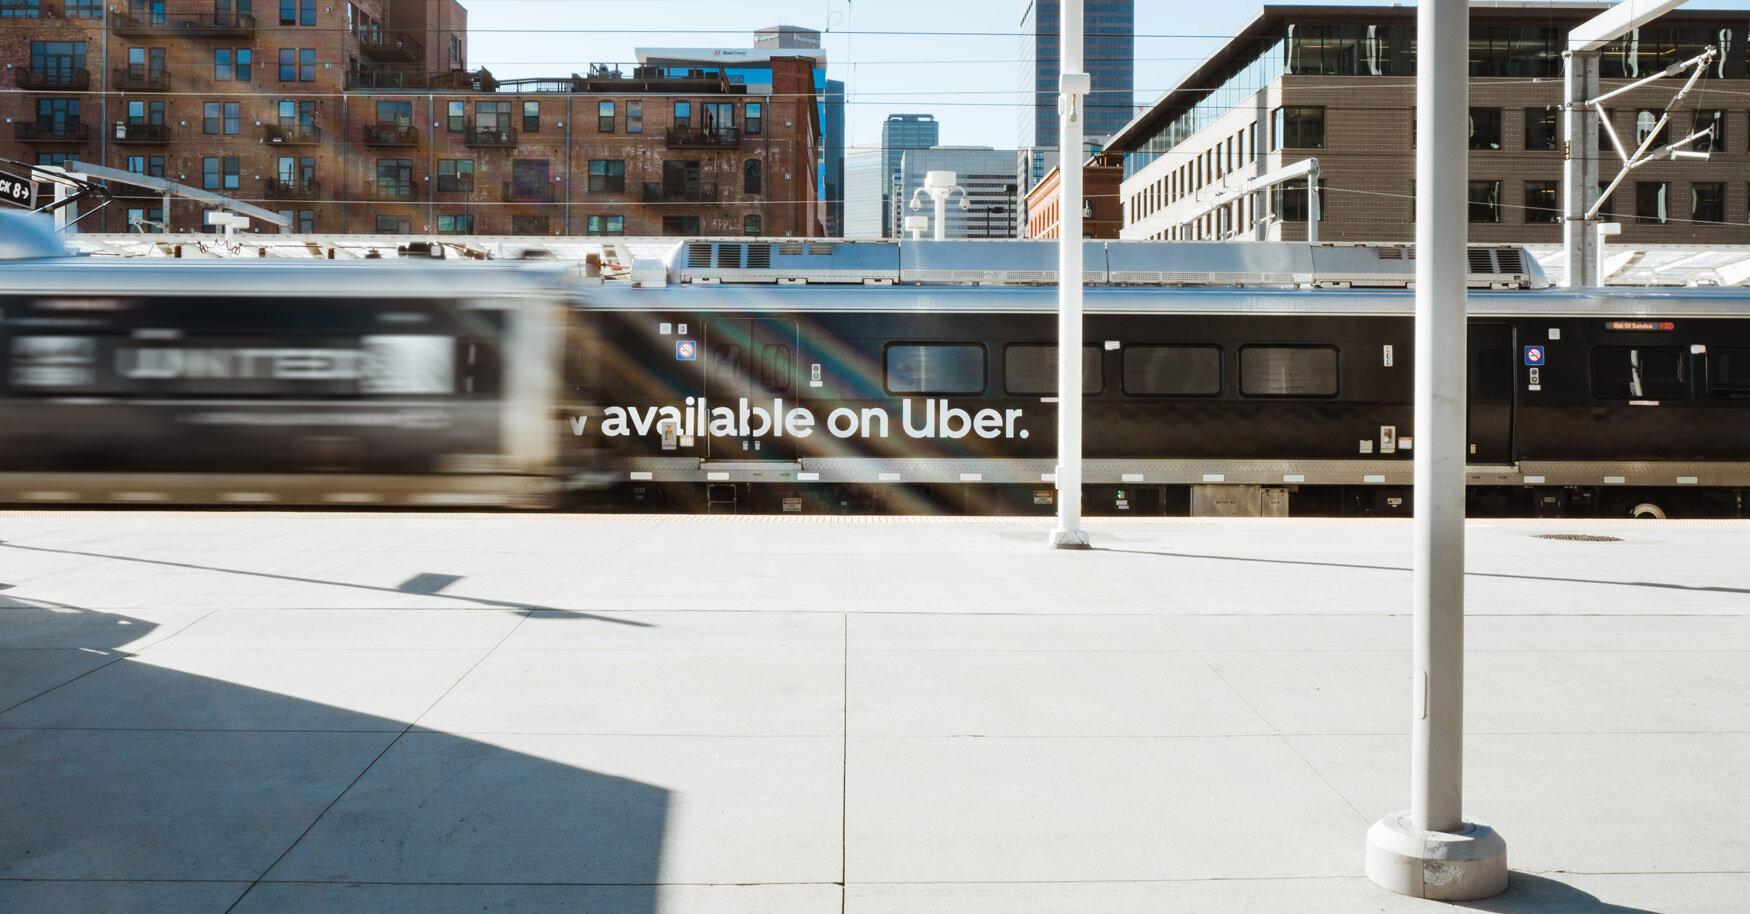 uber-train.jpg